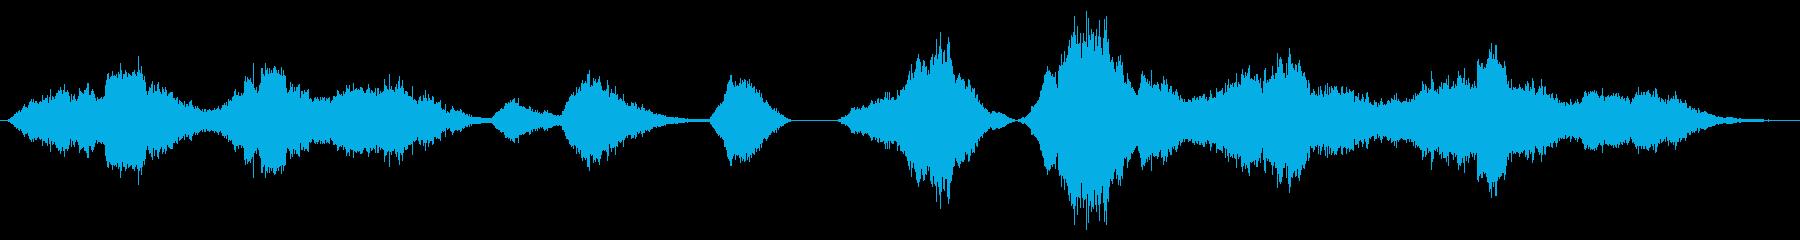 効果音的なホラーアンビエントBGMの再生済みの波形